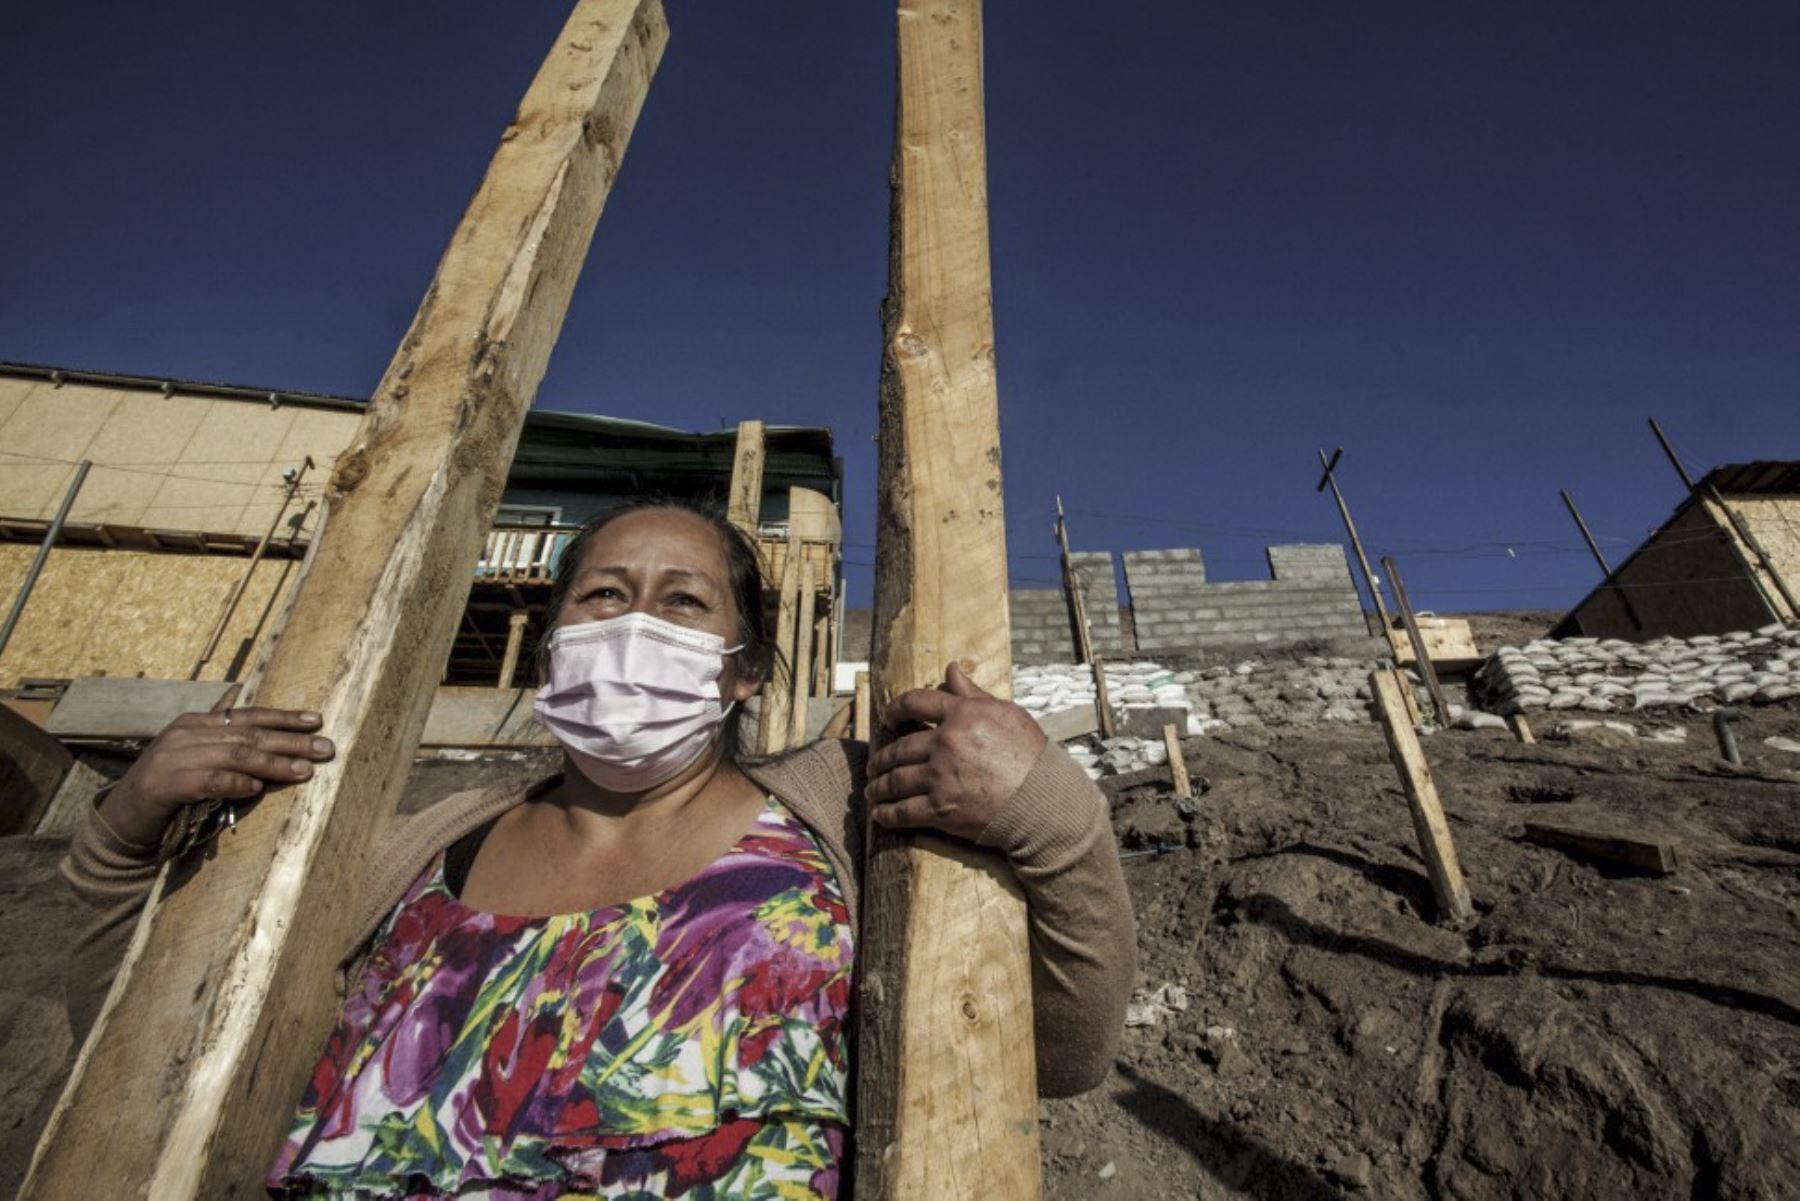 """Romelia Cabrera, de 48 años, posa en un campamento en Altamira, Antofagasta, Chile, el 27 de abril de 2021. - El levantamiento social de 2019 y la pandemia covid-19 han recuperado la miseria de los """"campamentos"""" -asentamientos informales-, que Chile pensaba. tener bajo control. Foto: AFP"""